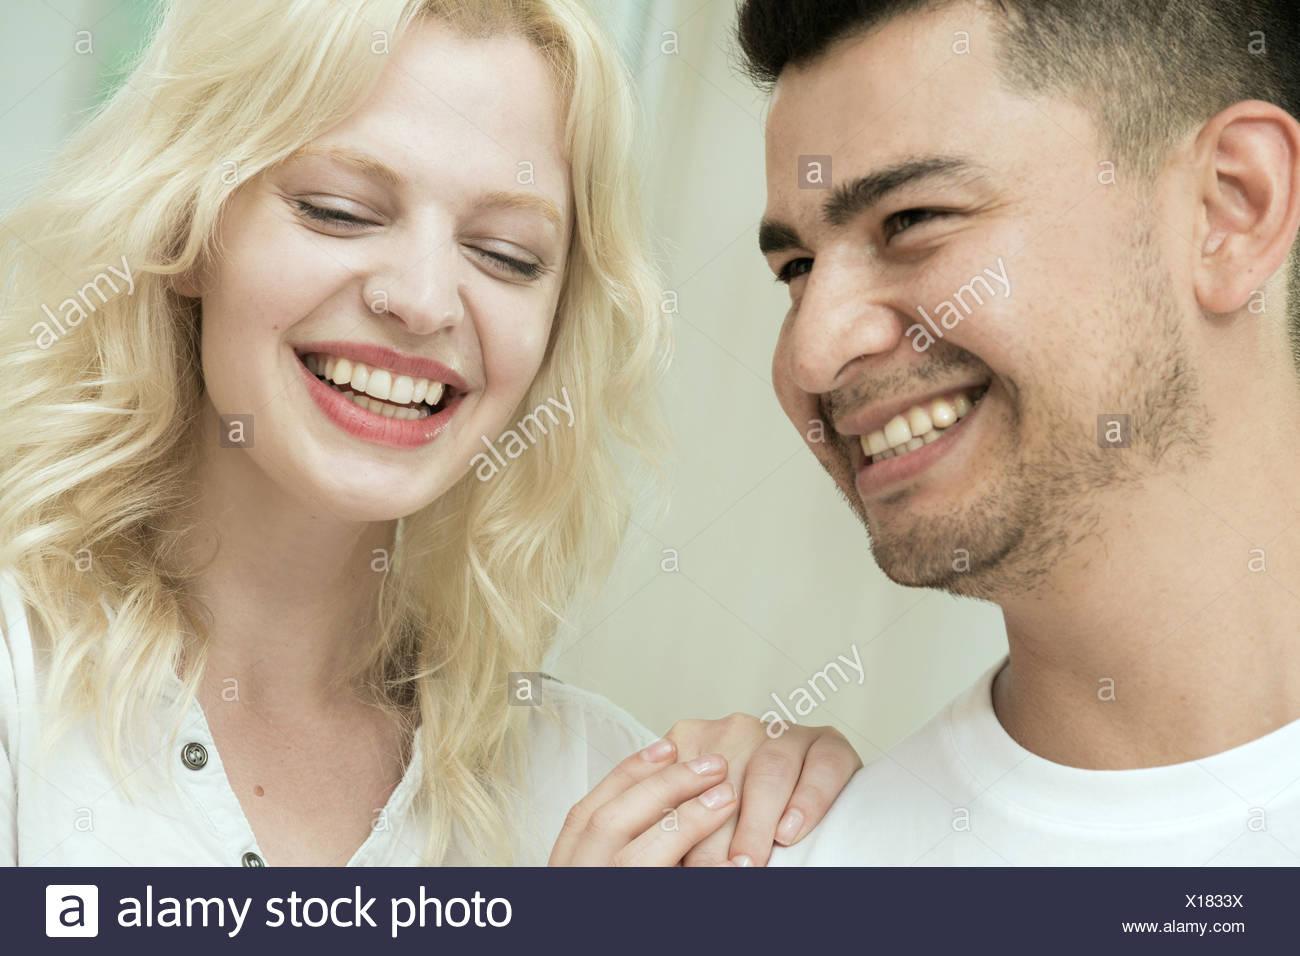 Coppia giovane ridendo Immagini Stock